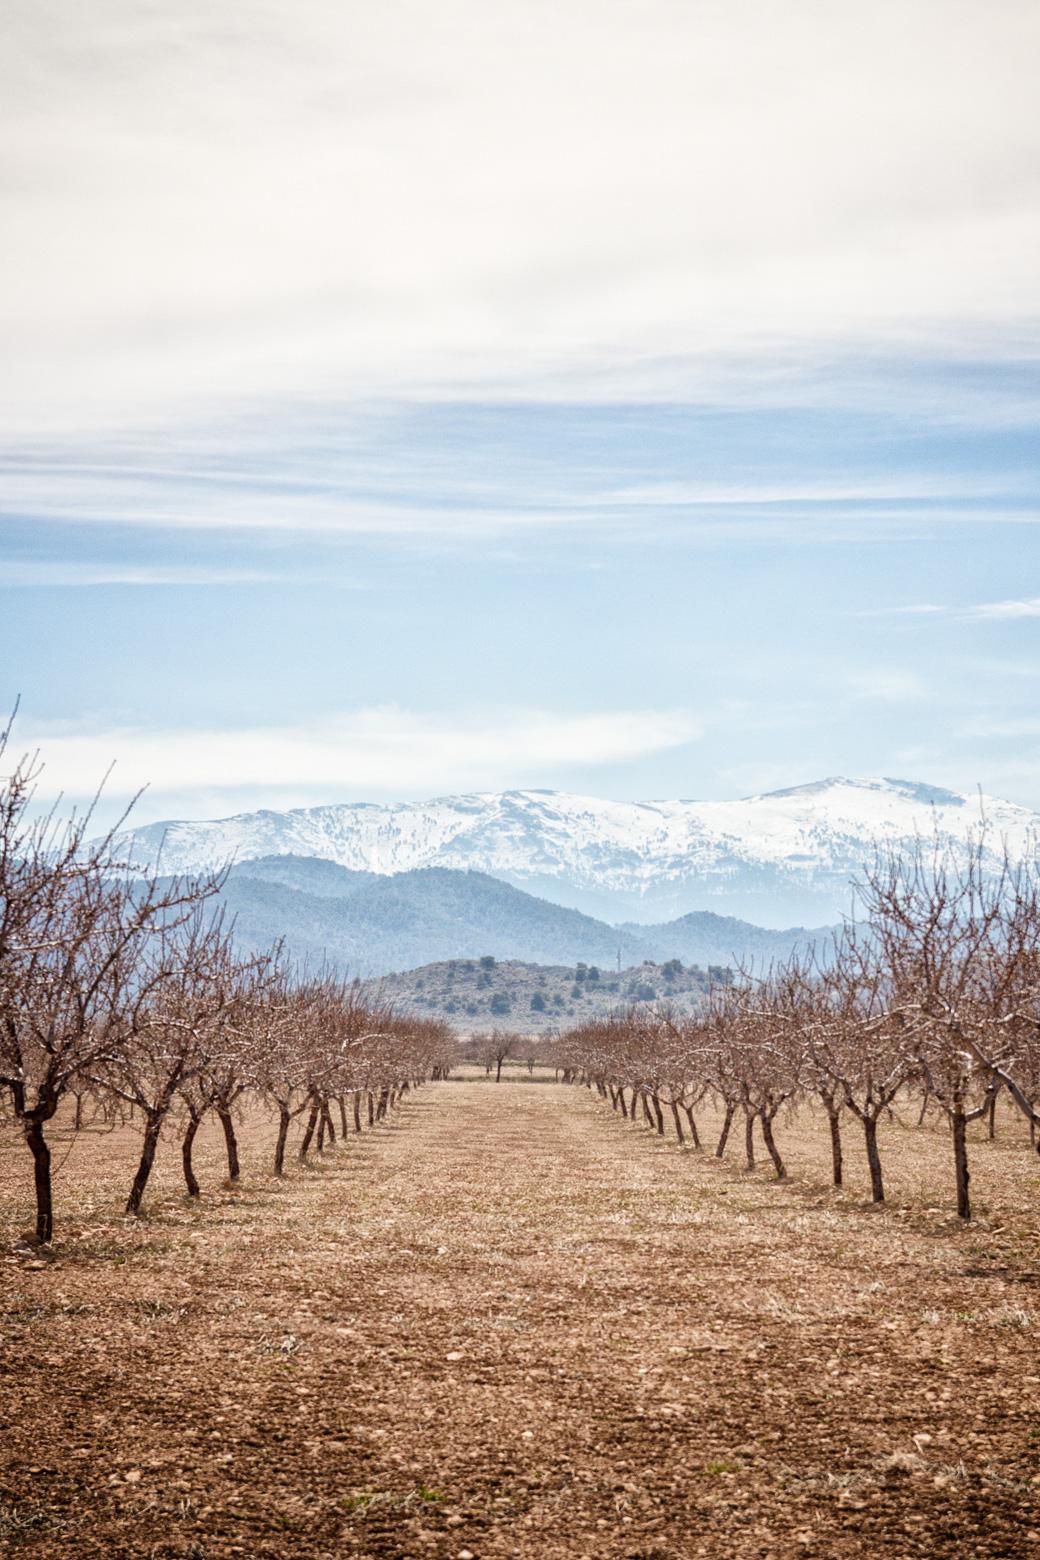 Ein Wahnsinnsblick! Die schneebehangenen Berge der Sierra Nevada und die Mandelfelder am Fuße.